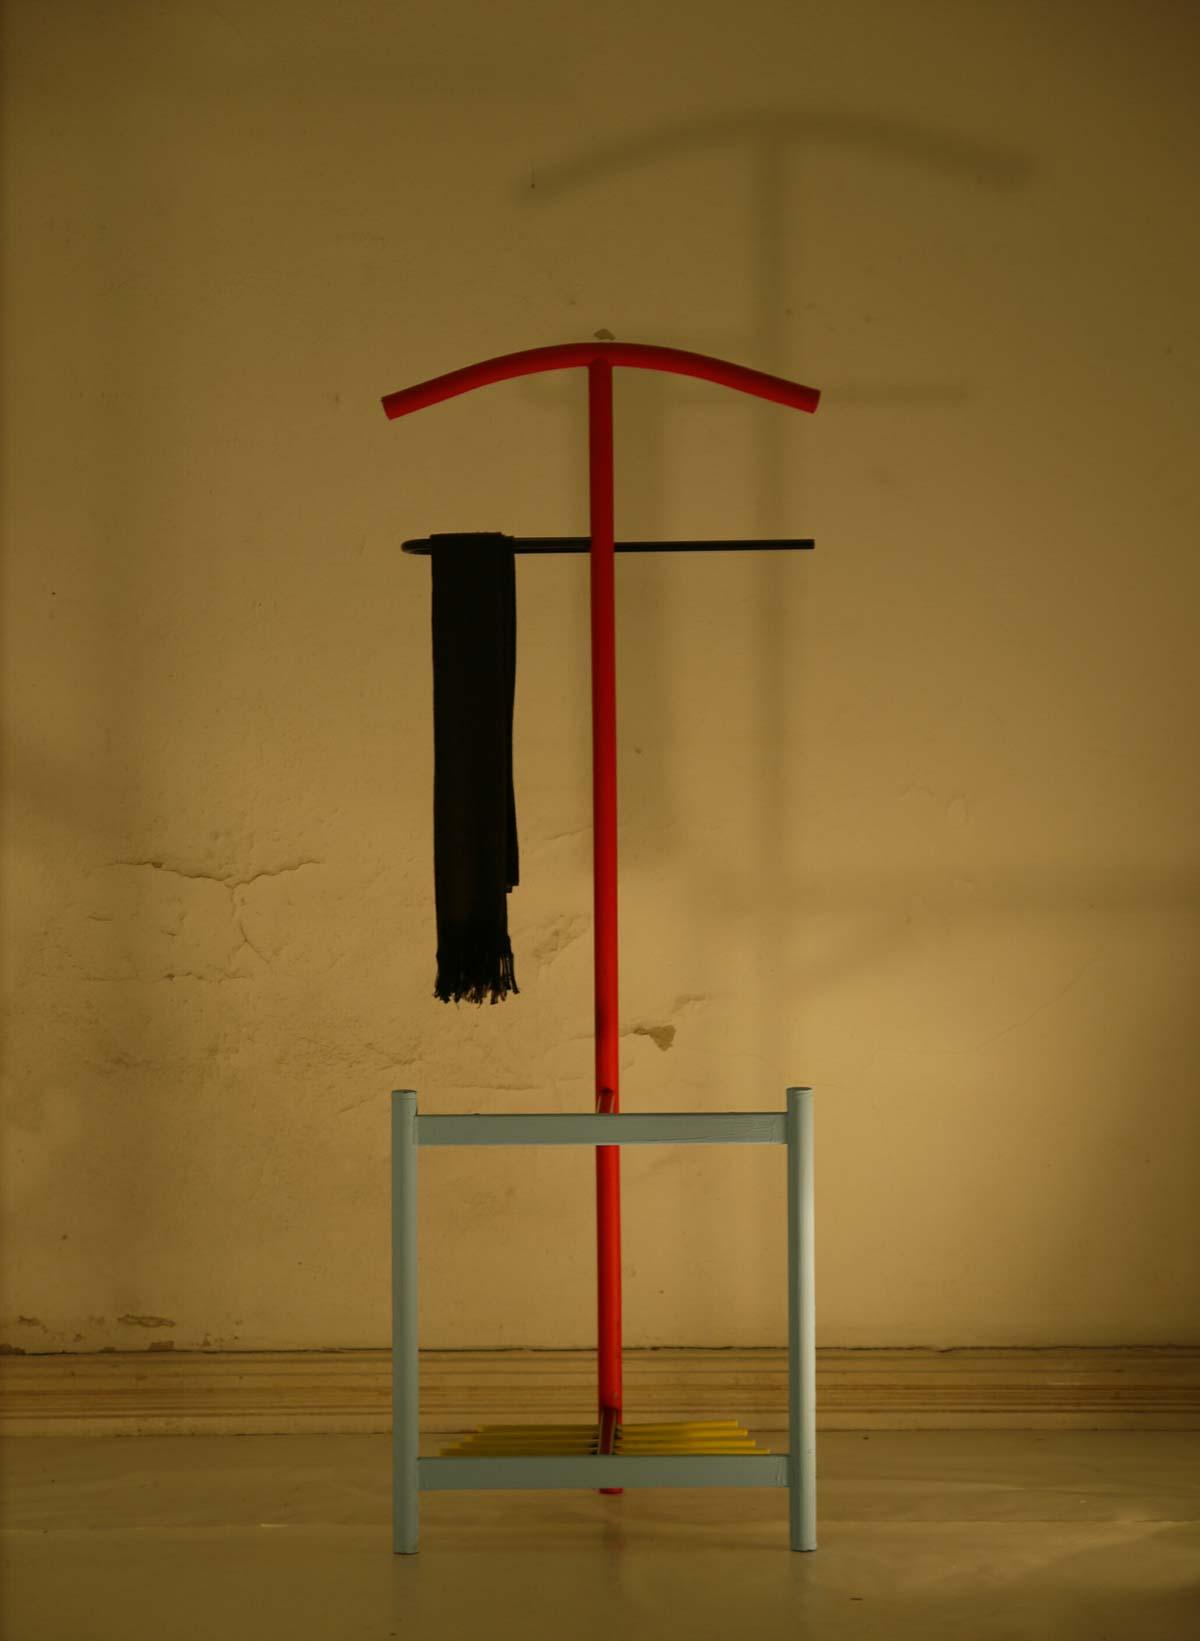 Transvisible, taller, diseño, arte, Mugak, bienal, arquitectura, Naroa Zabaleta, Aitana Soto, Asier Ortega